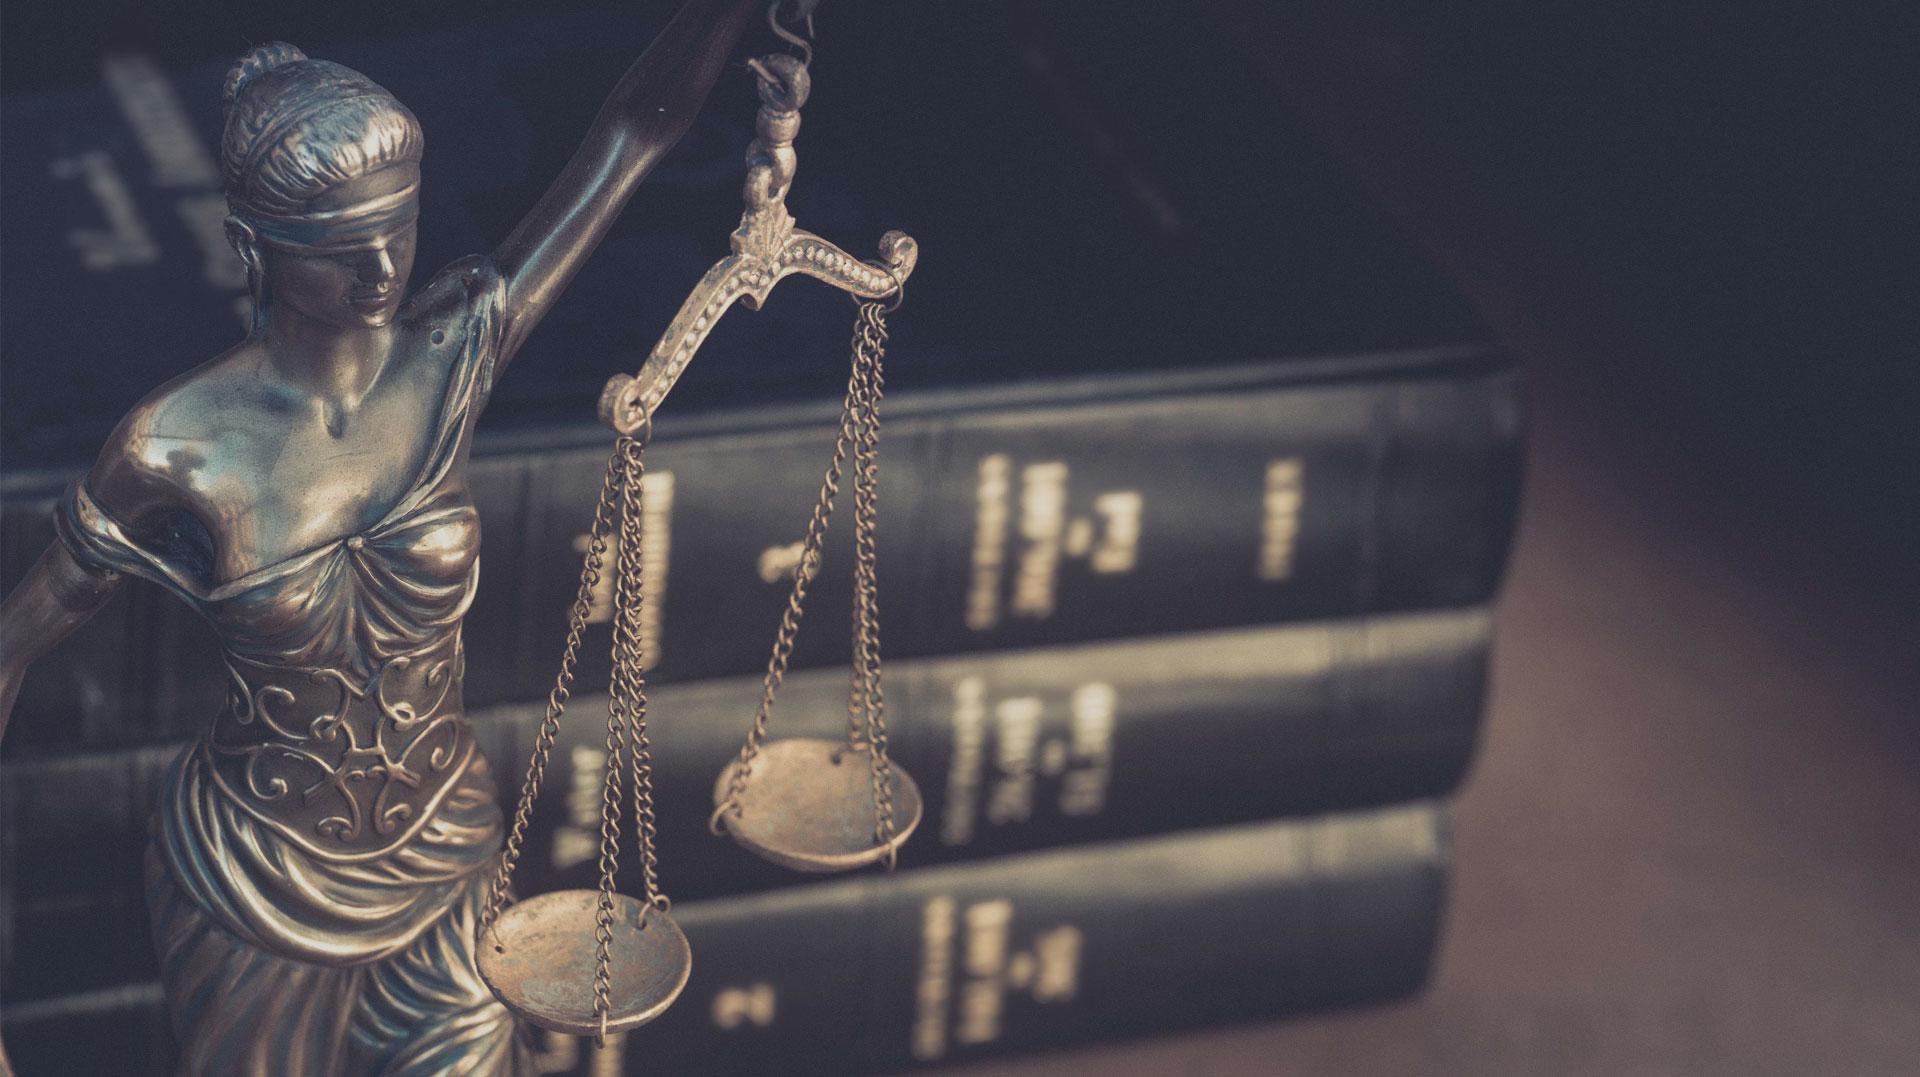 STUDIO LEGALE ALFIERI